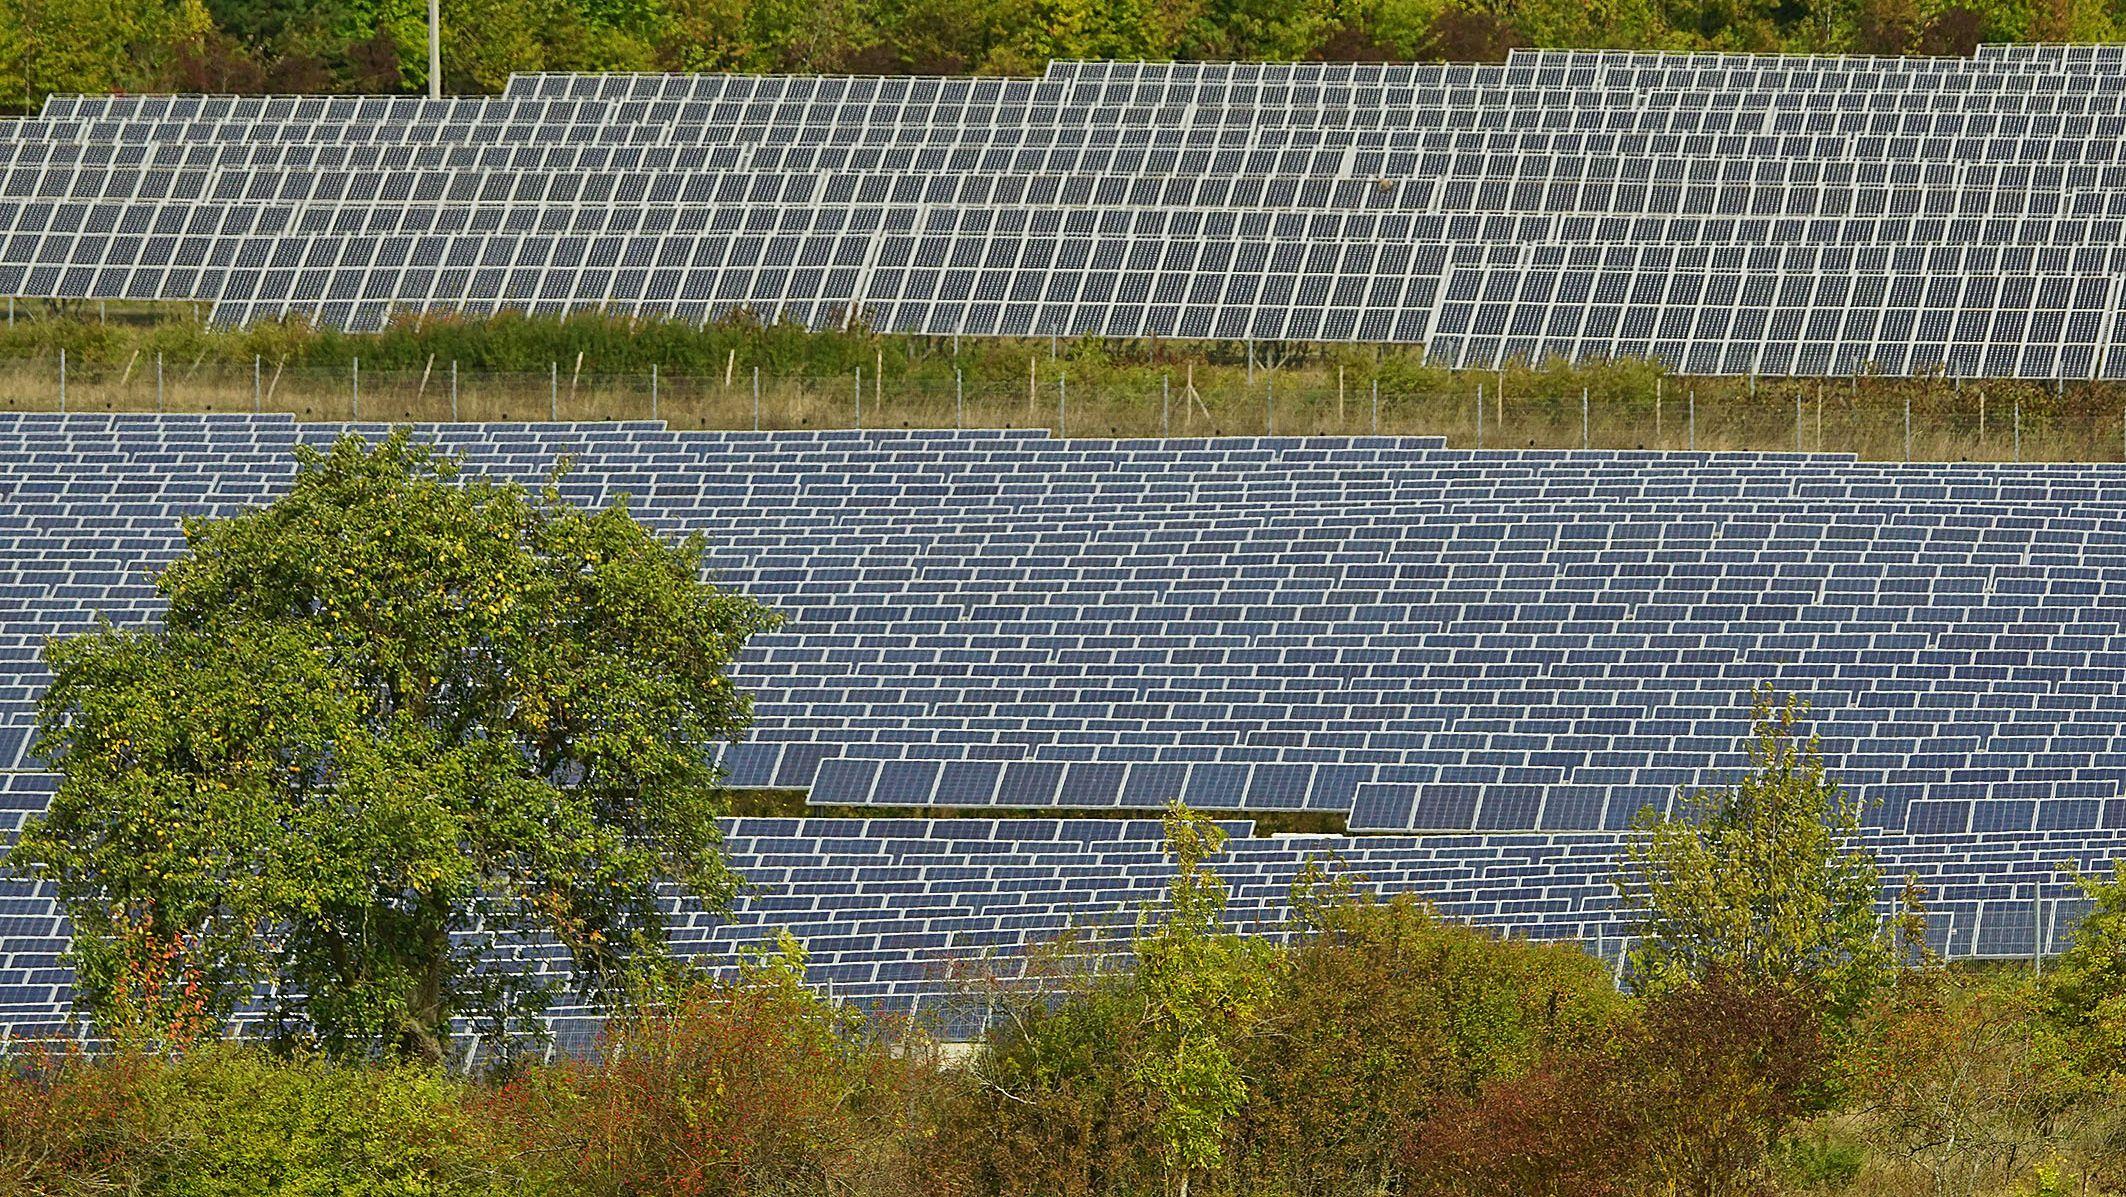 Photovoltaik-Anlagen auf der Mainplatte nördlich von Würzburg, aufgenommen im September 2018